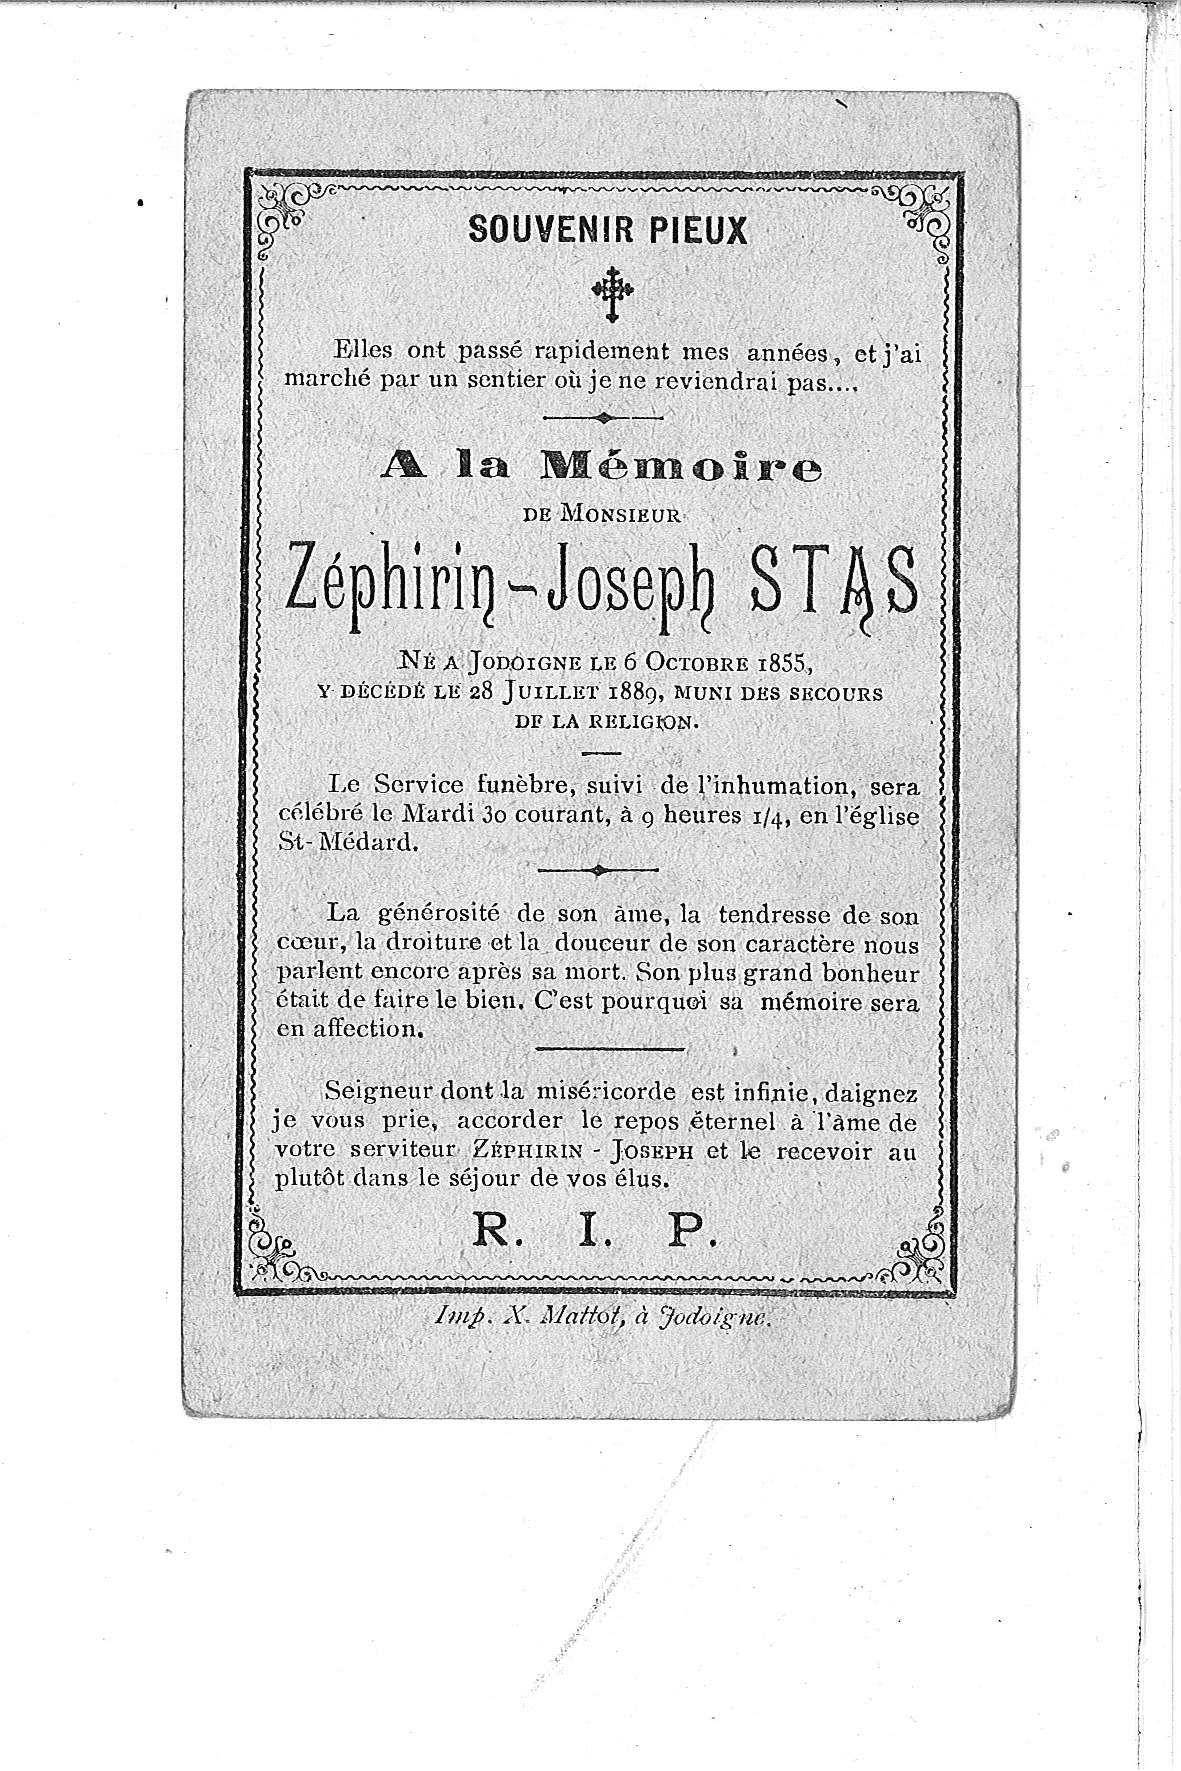 Zéphirin-Joseph(1889)20100621151808_00001.jpg